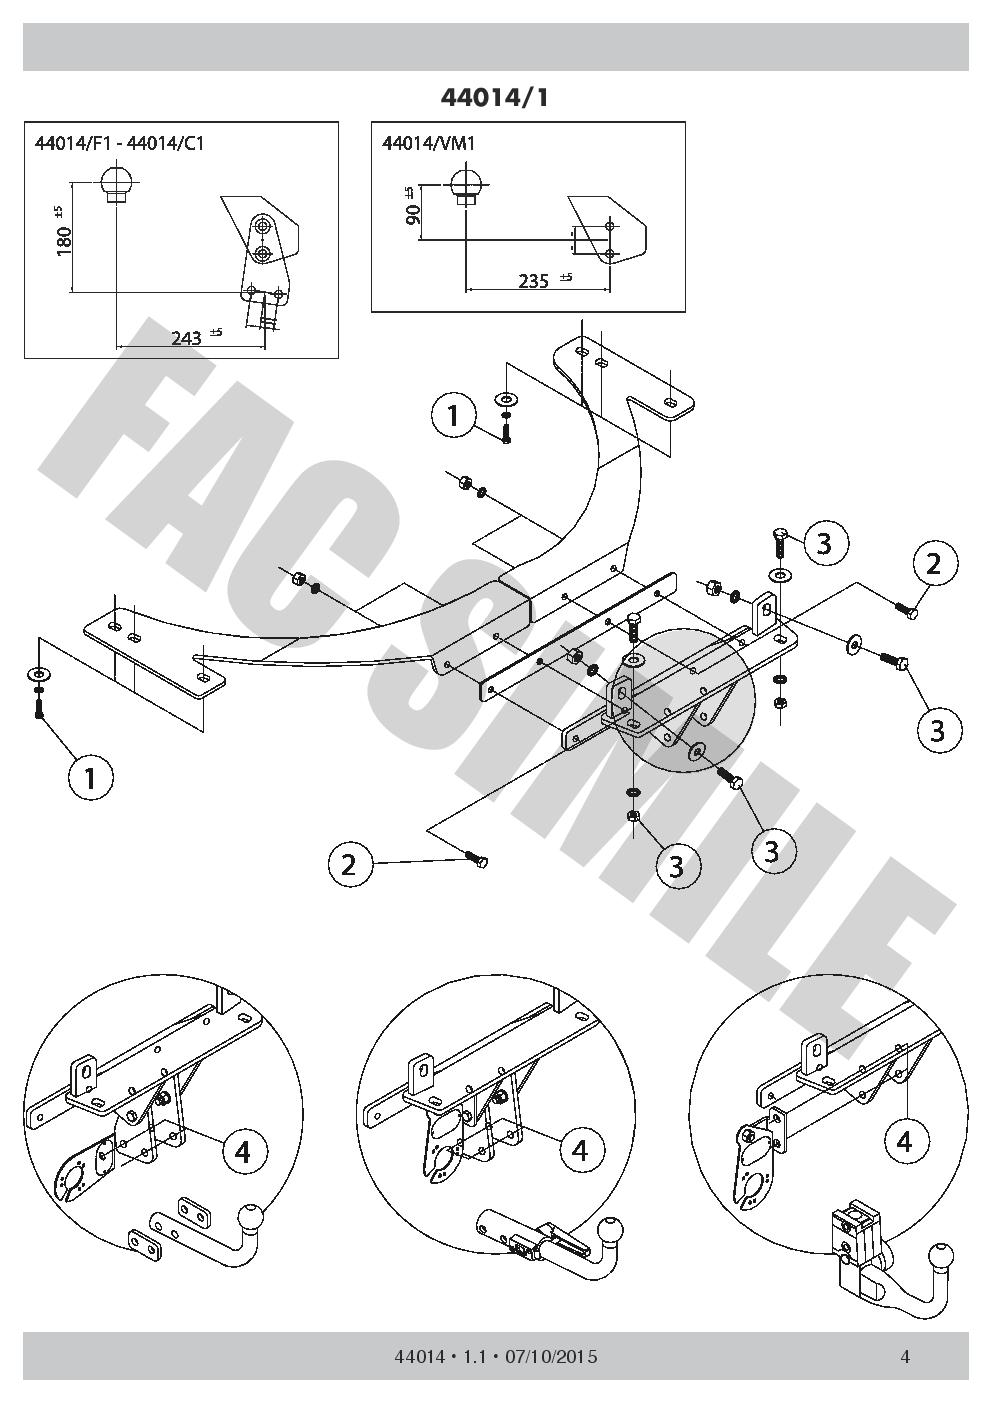 AHK Feste Starre Anhängerkupplung 13p C2 E-Satz Volvo V50 Kombi 04 44014/_E2